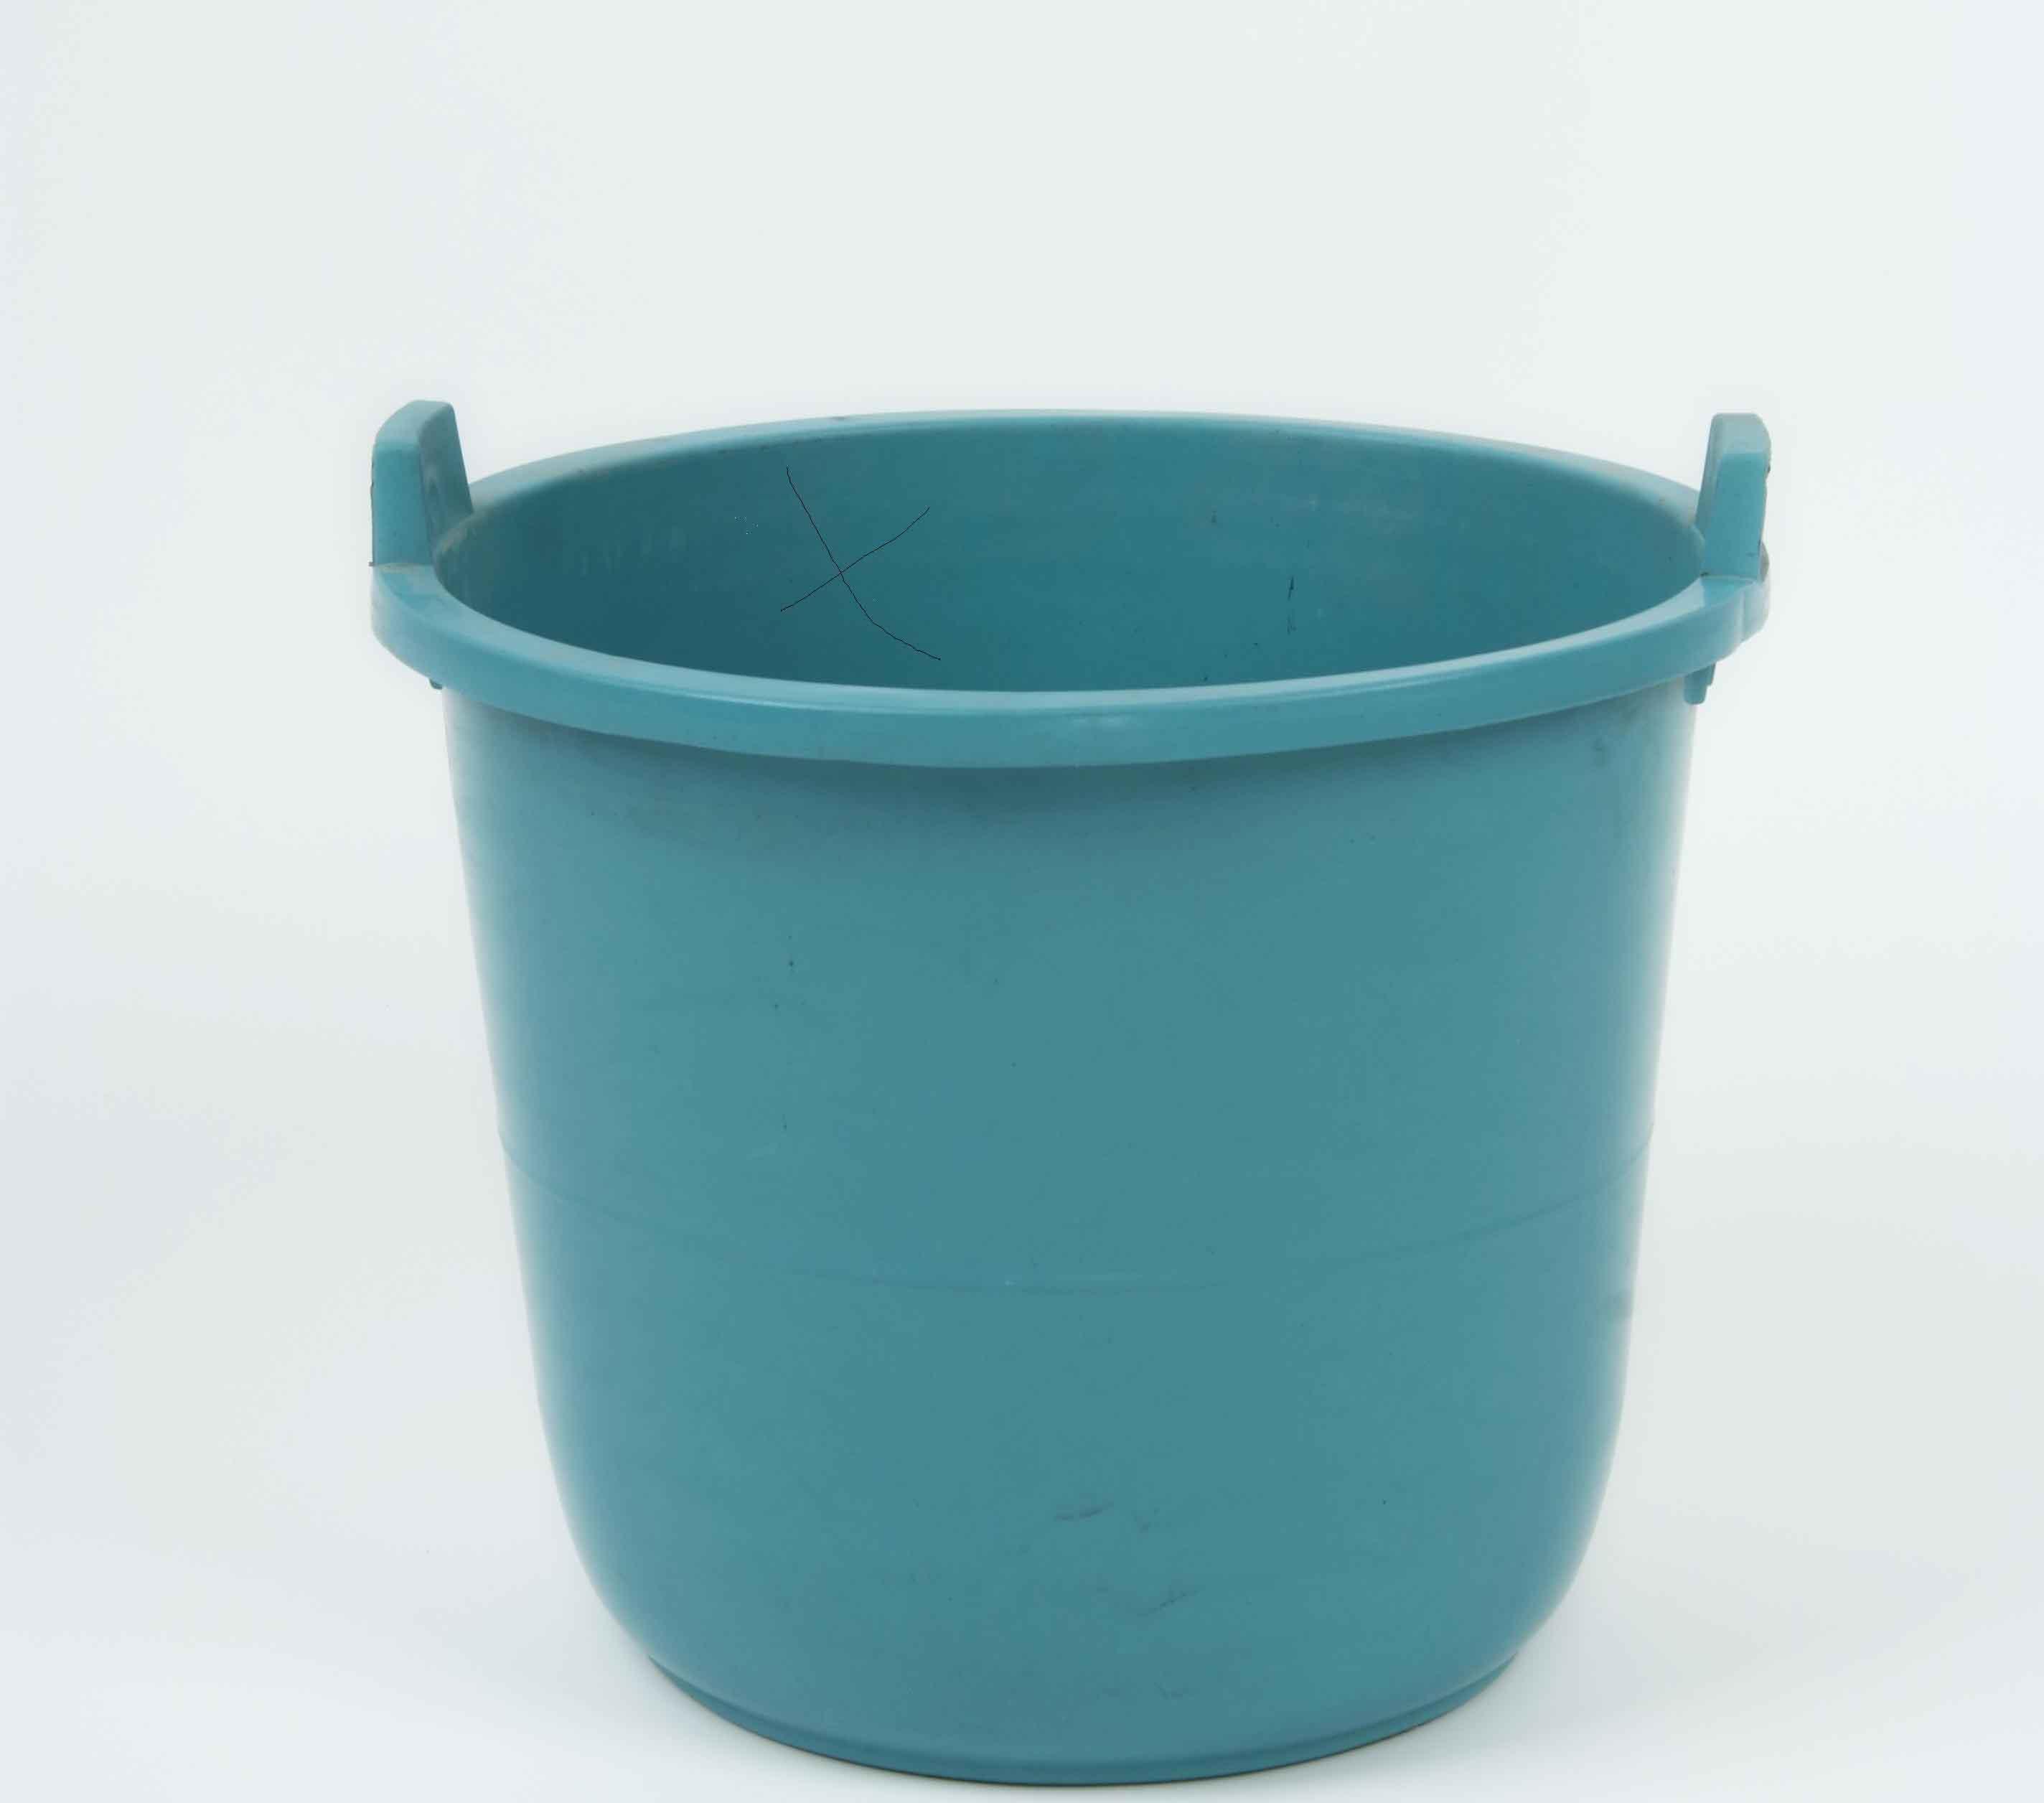 中国各大城市面积_桶 水桶 建筑泥桶-天台滩岭花桃塑胶工艺厂提供桶 水桶 建筑泥桶